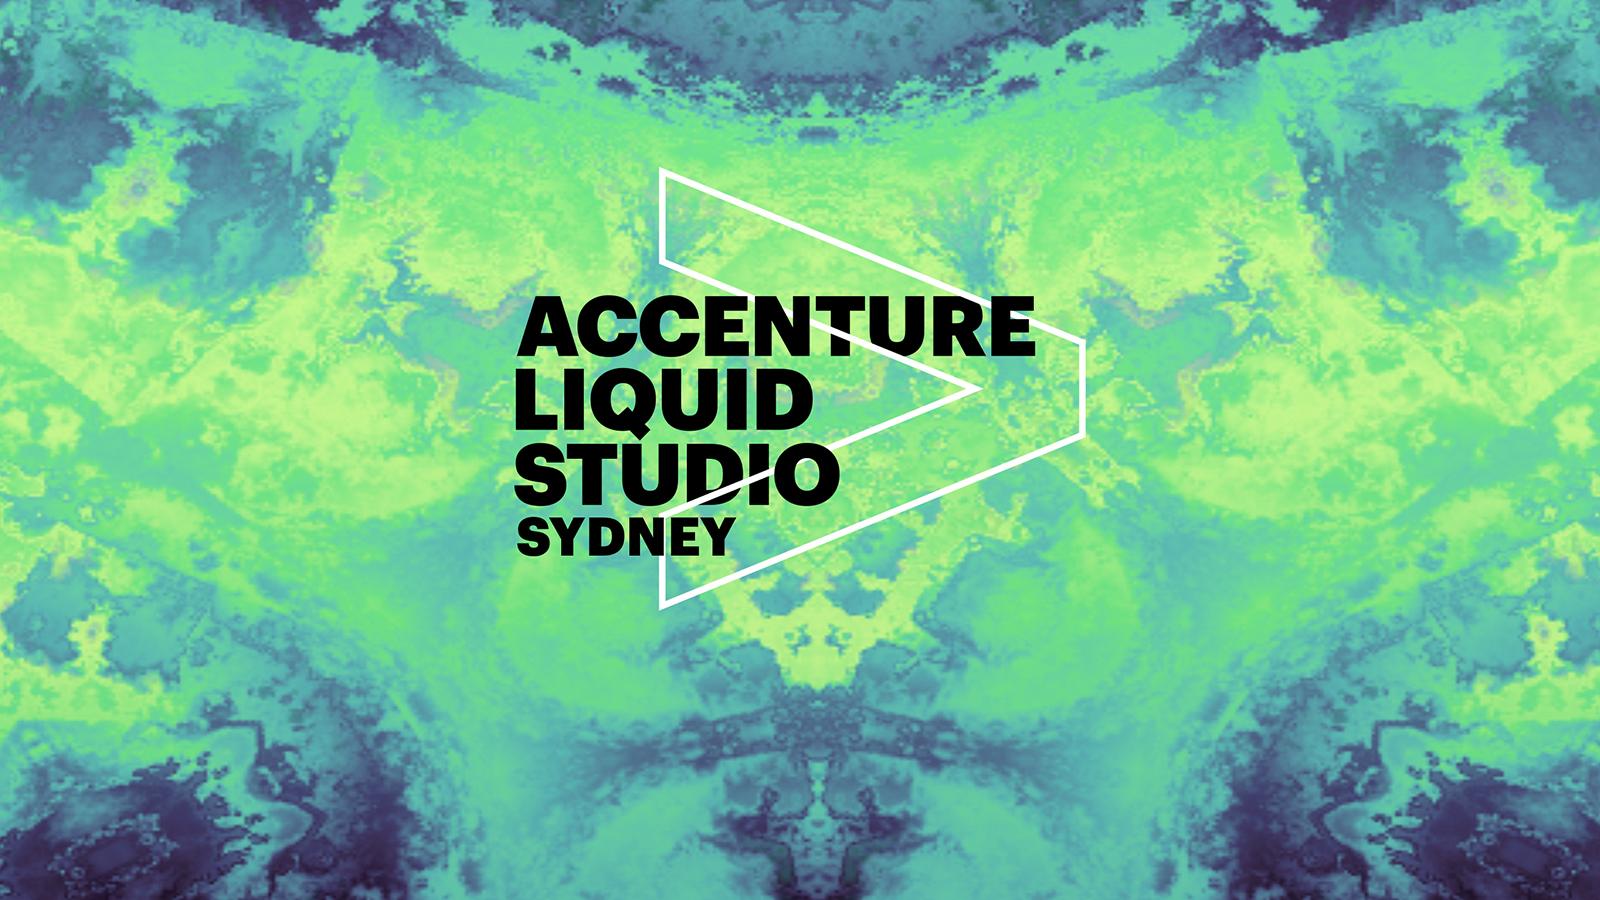 Liquid studio sydney accenture for Accenture sydney